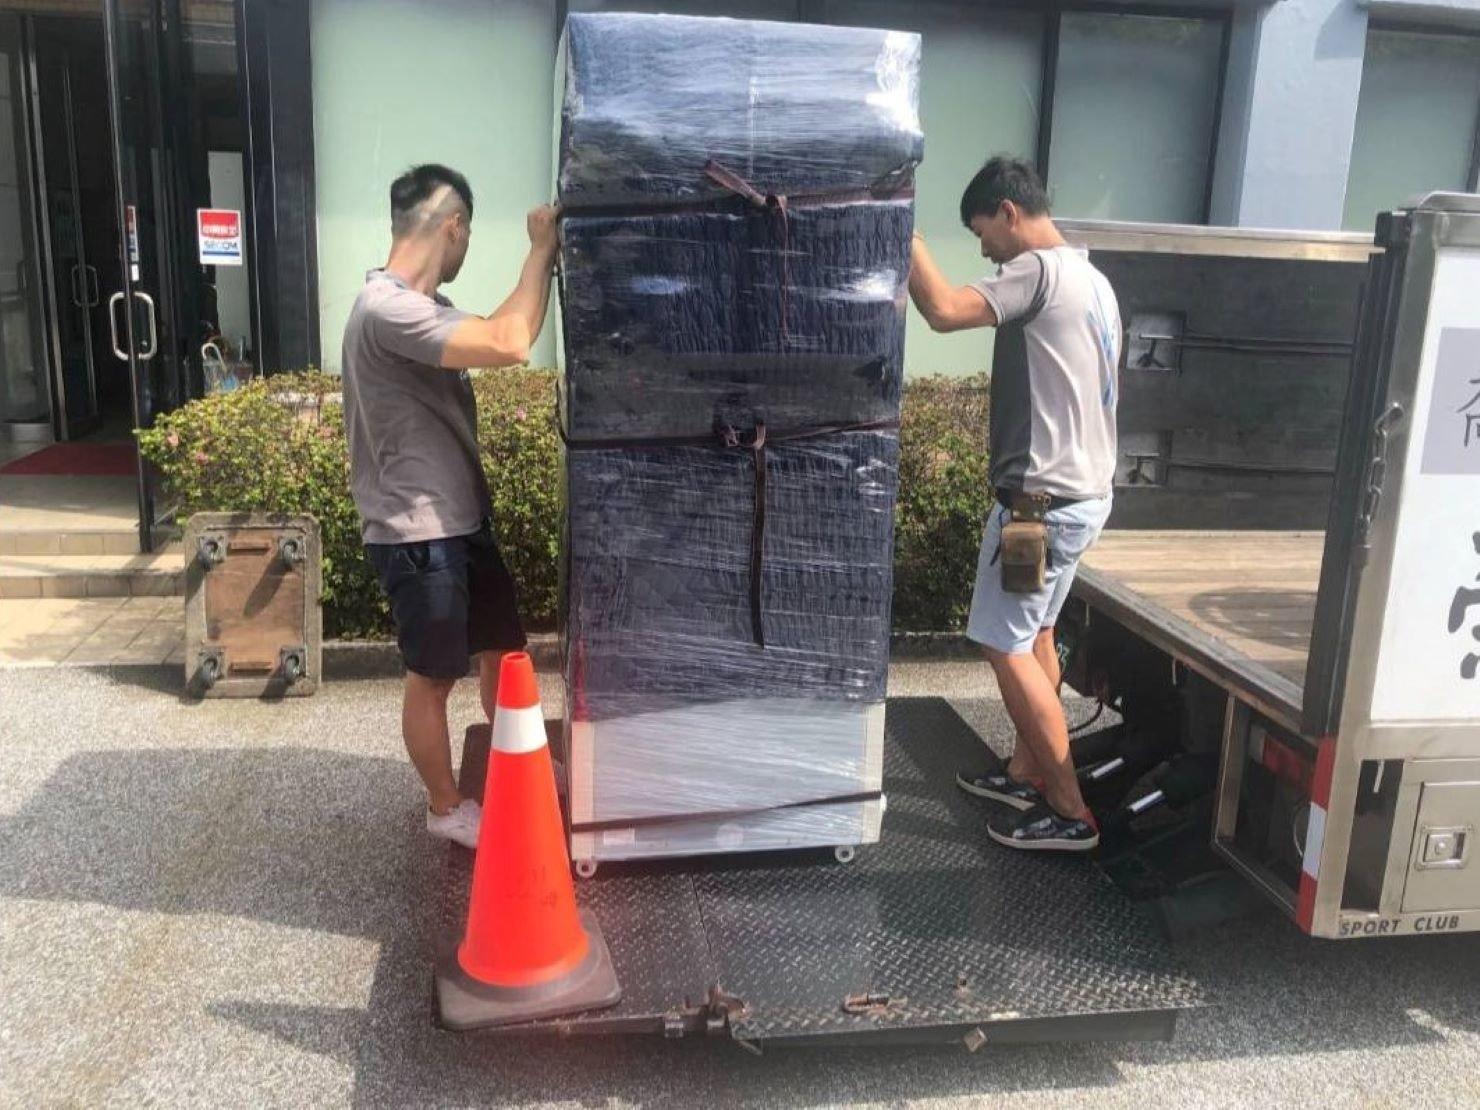 搬家【榮福搬家公司】台北搬家、新北搬家、重物搬運推薦:師傅們一前一後將冰箱推至升降板上。